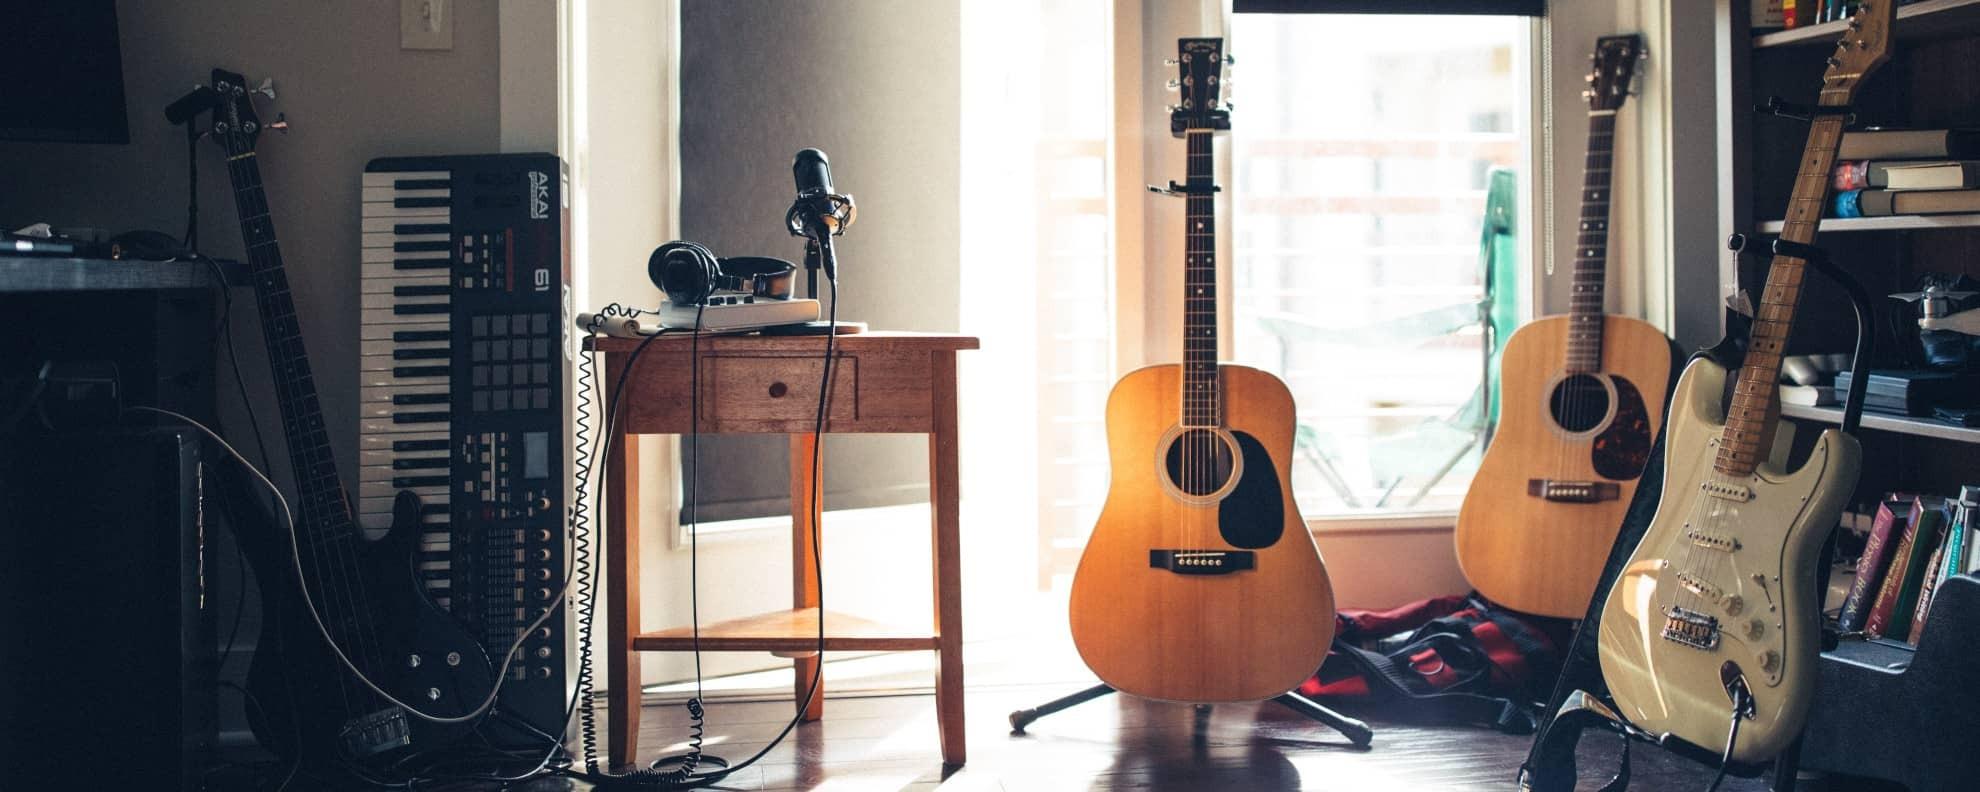 Wie wird man Musikproduzent? So gelingt dein Karrierestart